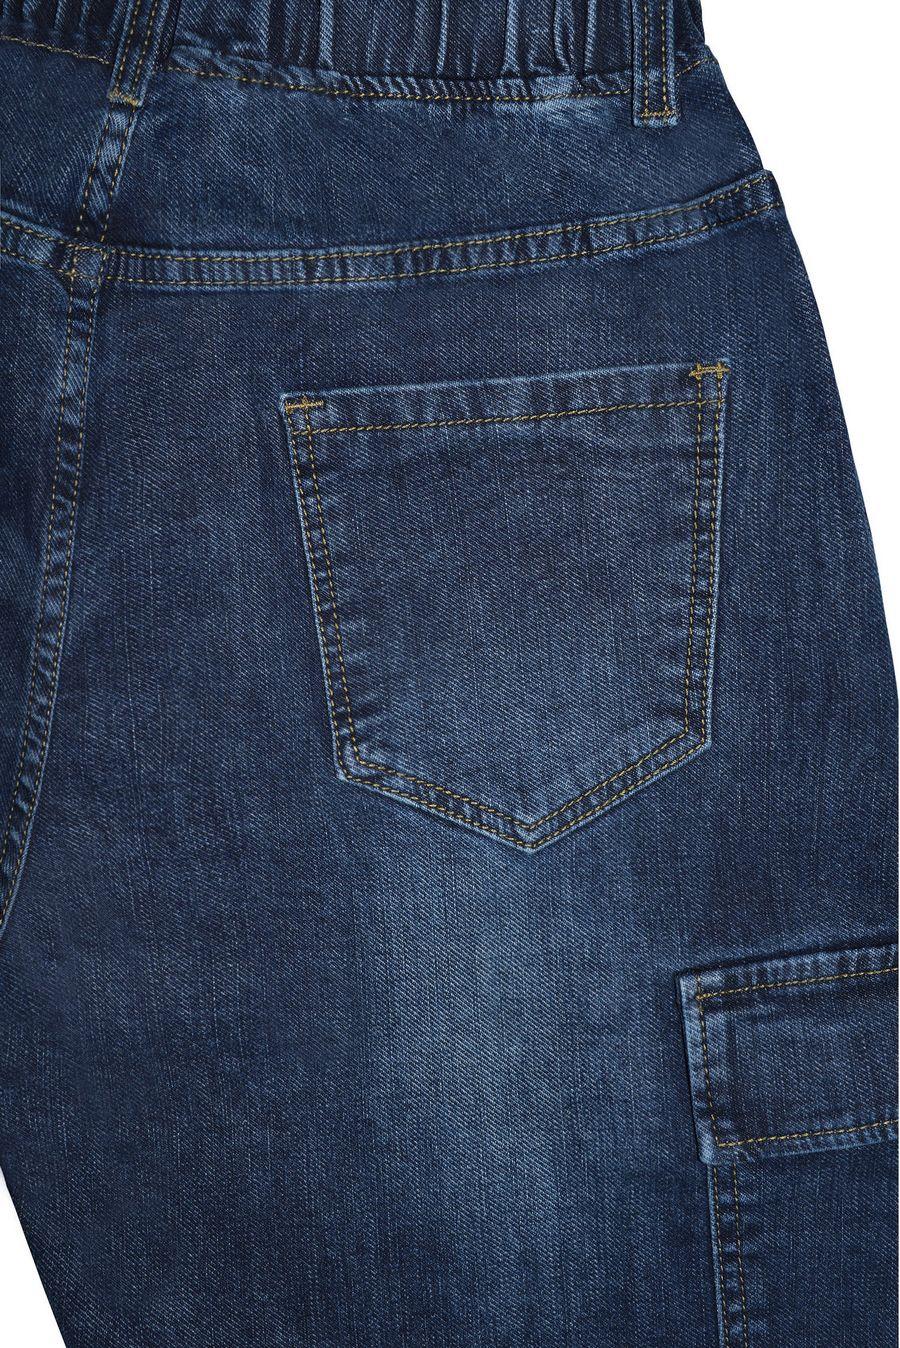 Джинсы женские K.Y Jeans 092 - фото 4